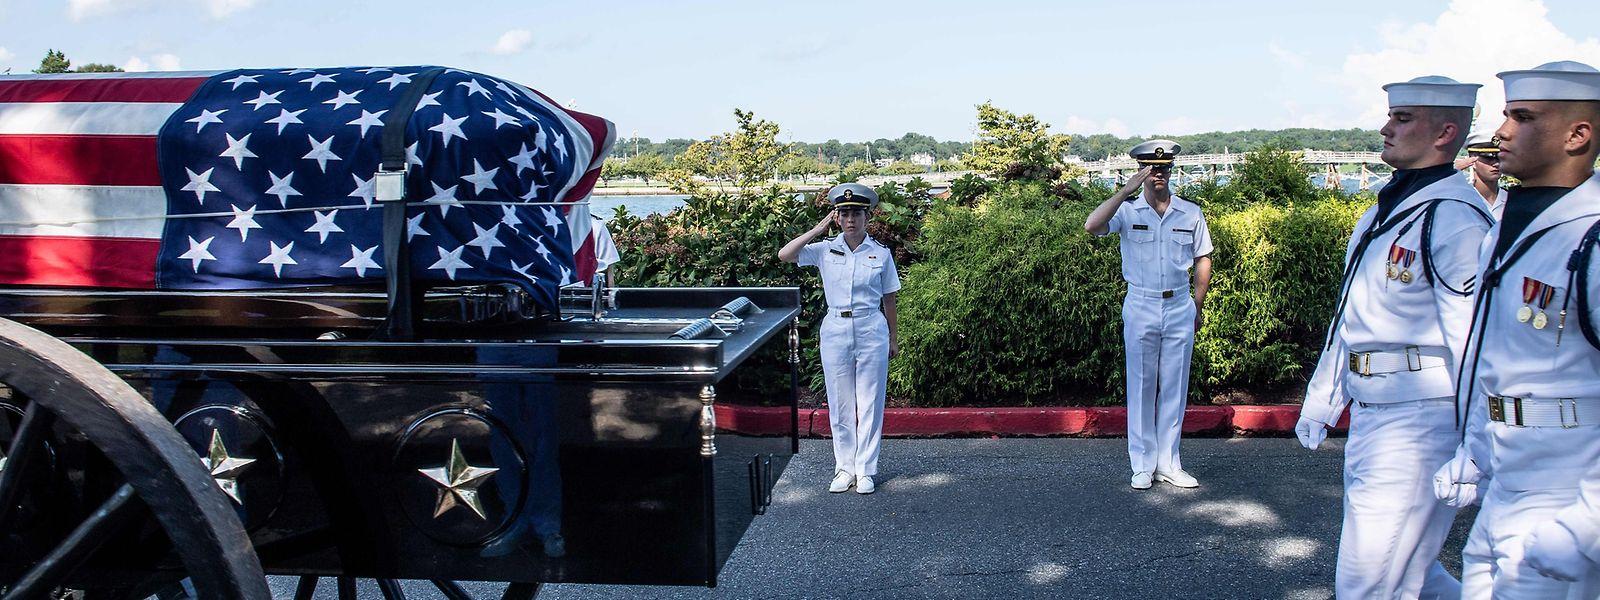 Der letzte Salut: Der in Amerika als Kriegsheld gefeierte John McCain wird auf der Marineakademie Annapolis mit militärischen Ehren zu Grabe getragen.